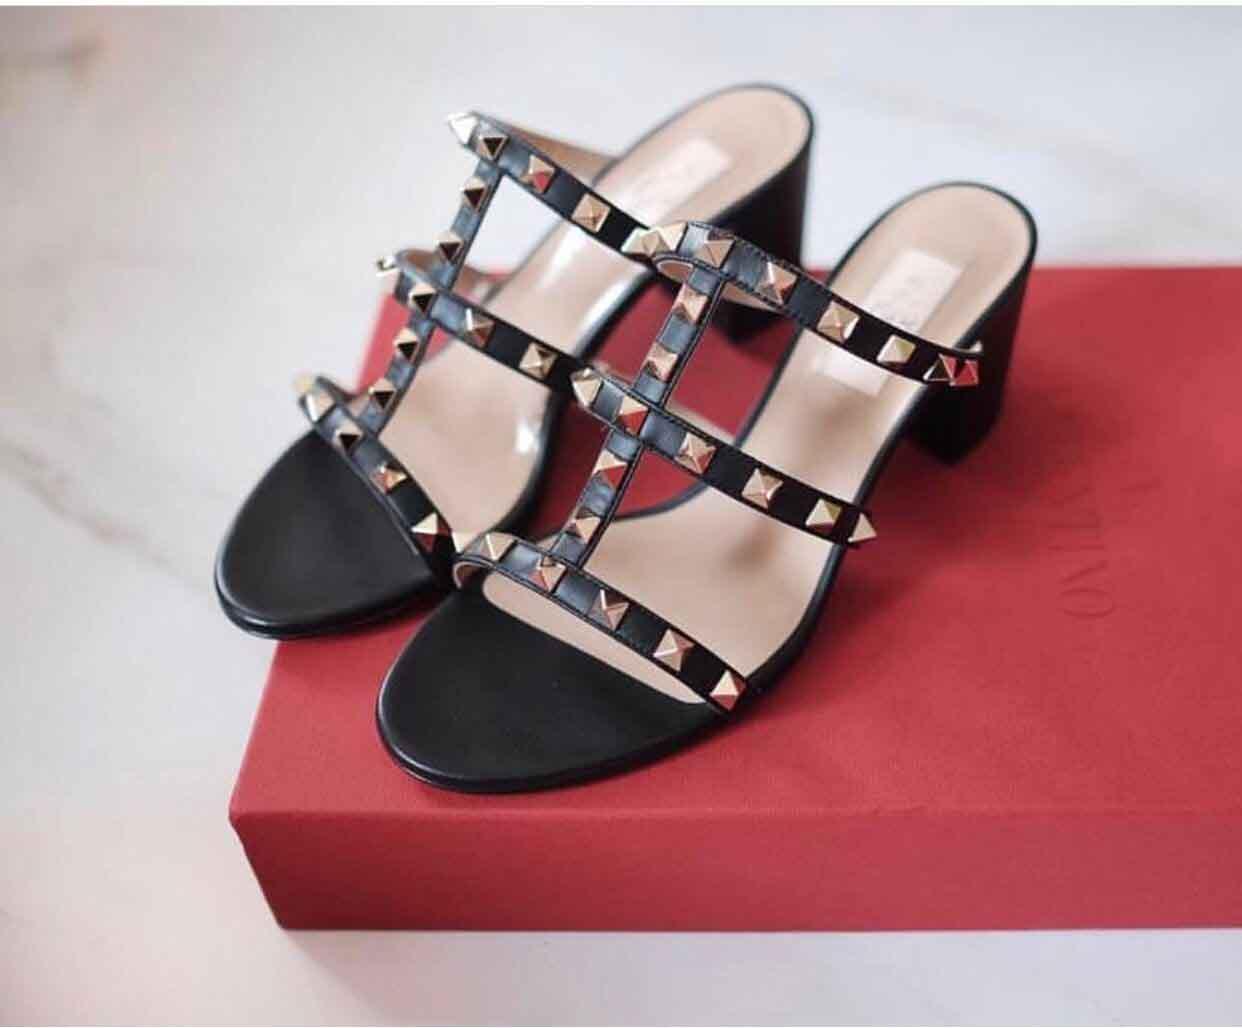 Lüks Yaz Kadın Sandalet Kaya Studs Chunky Topuklar Perçin strappy Bayanlar Terlik Sandalet Yüksek Topuklar Sandalias Mujer Parti Gelinlik